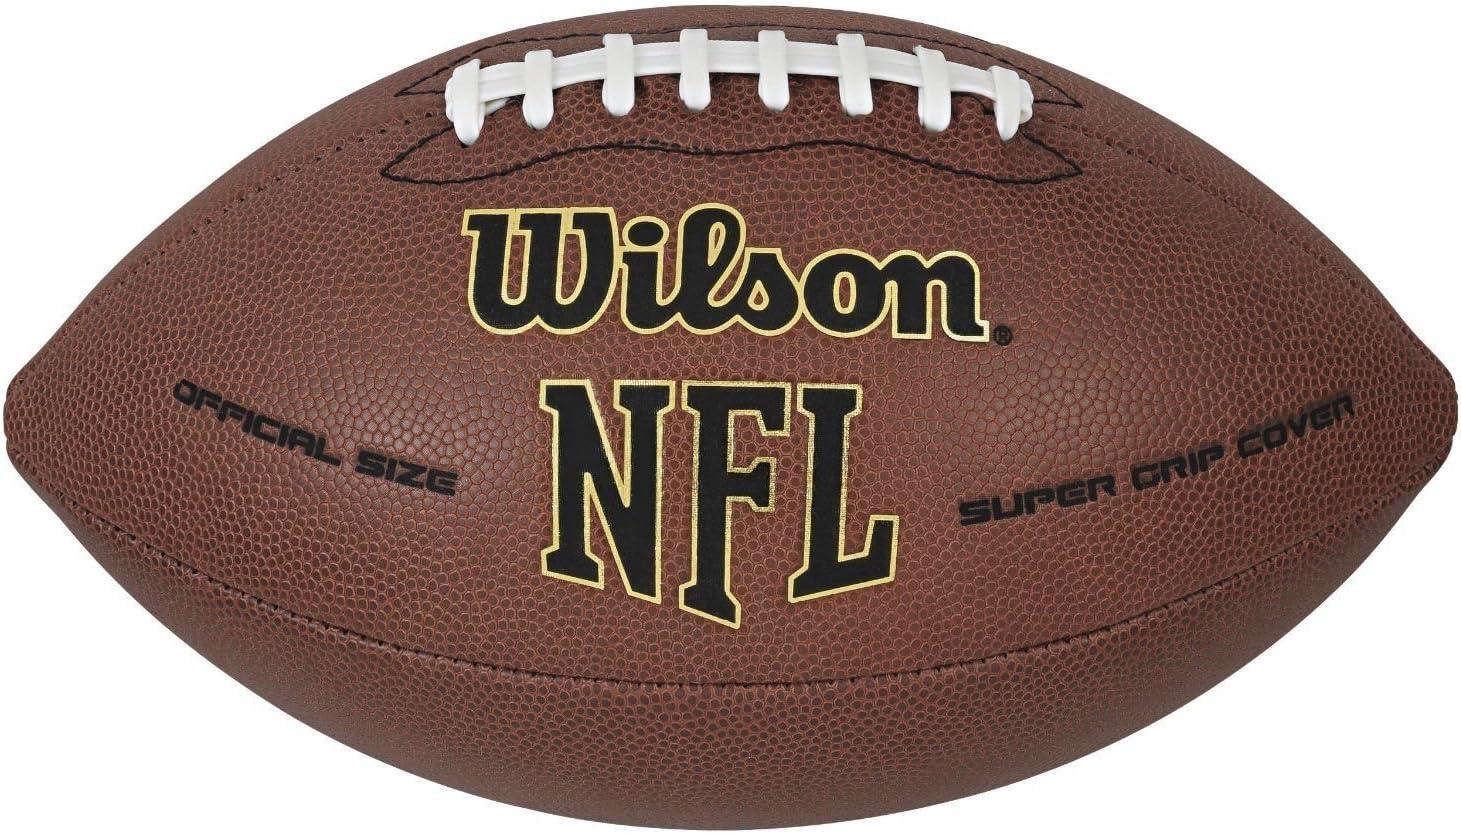 ウィルソン公式NFLフットボールボールスーパーグリップレザー合成サイズ9ゲームKLDS